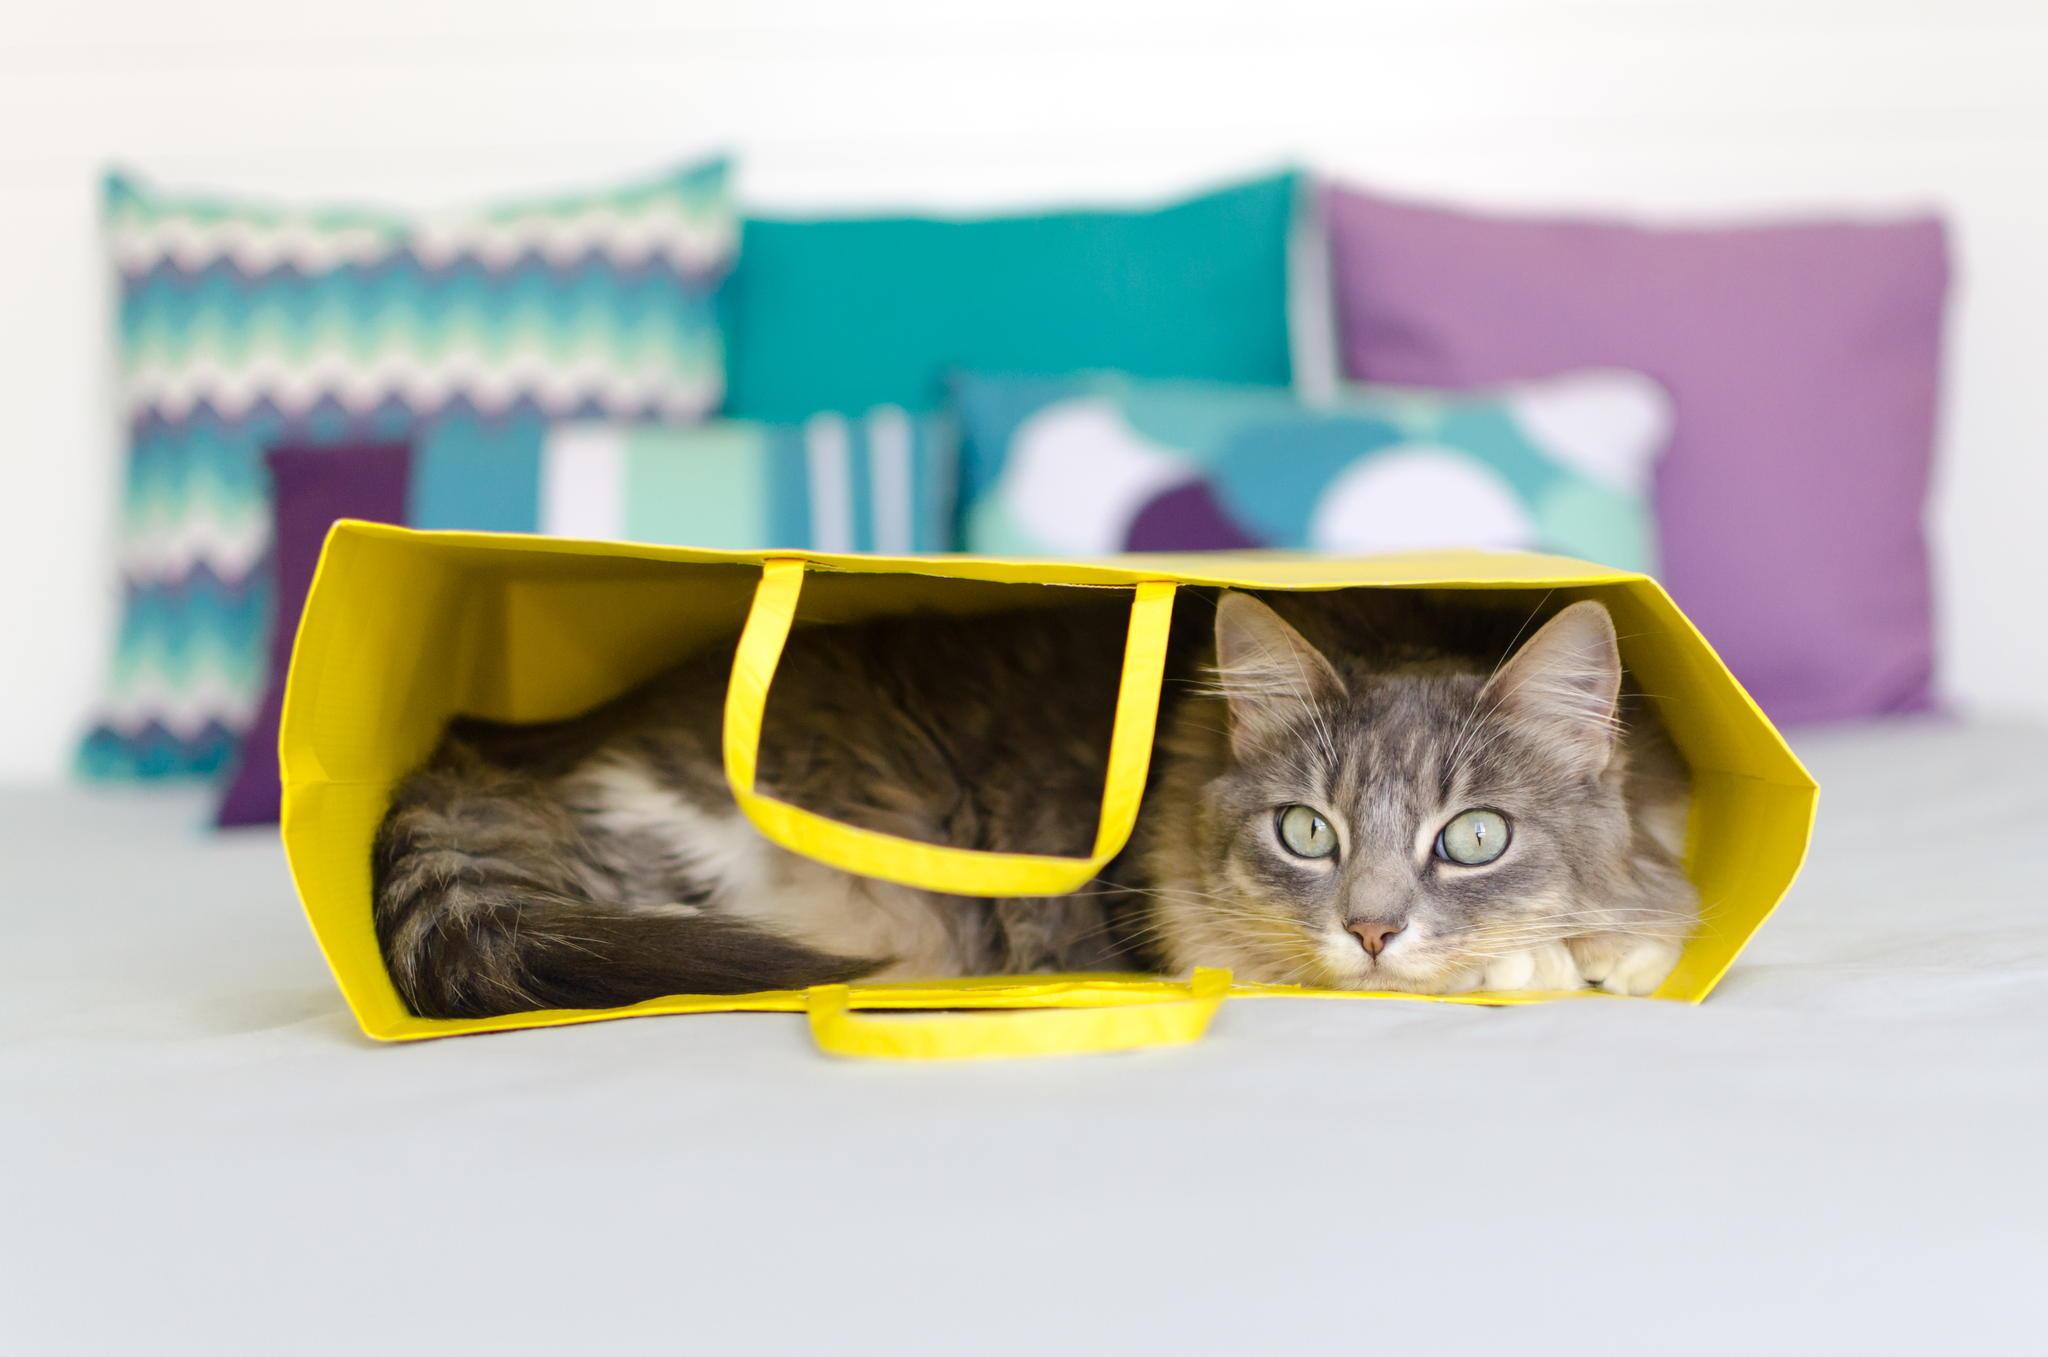 53705 скачать обои Животные, Кот, Пакет, Лежать - заставки и картинки бесплатно